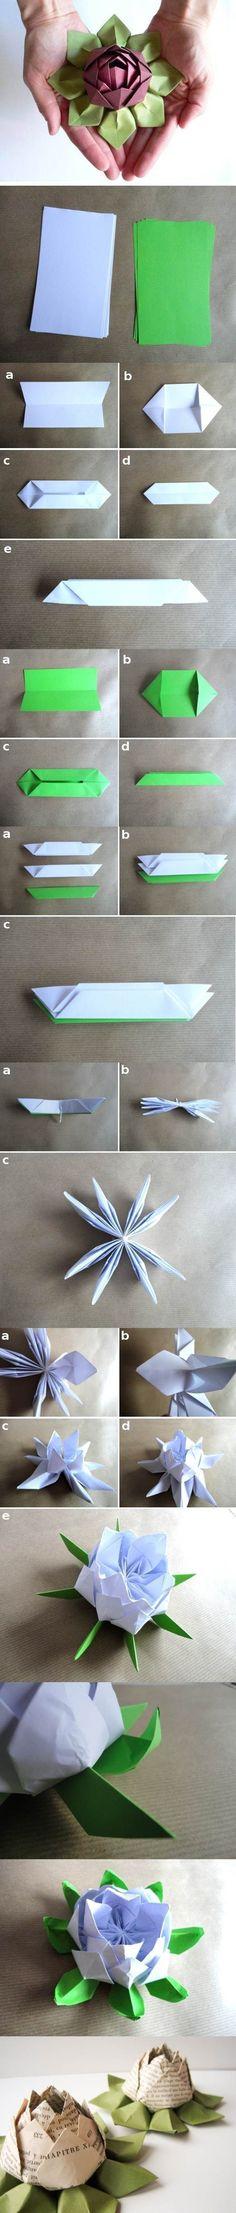 Flores de Origami para decoração do centro das mesas.